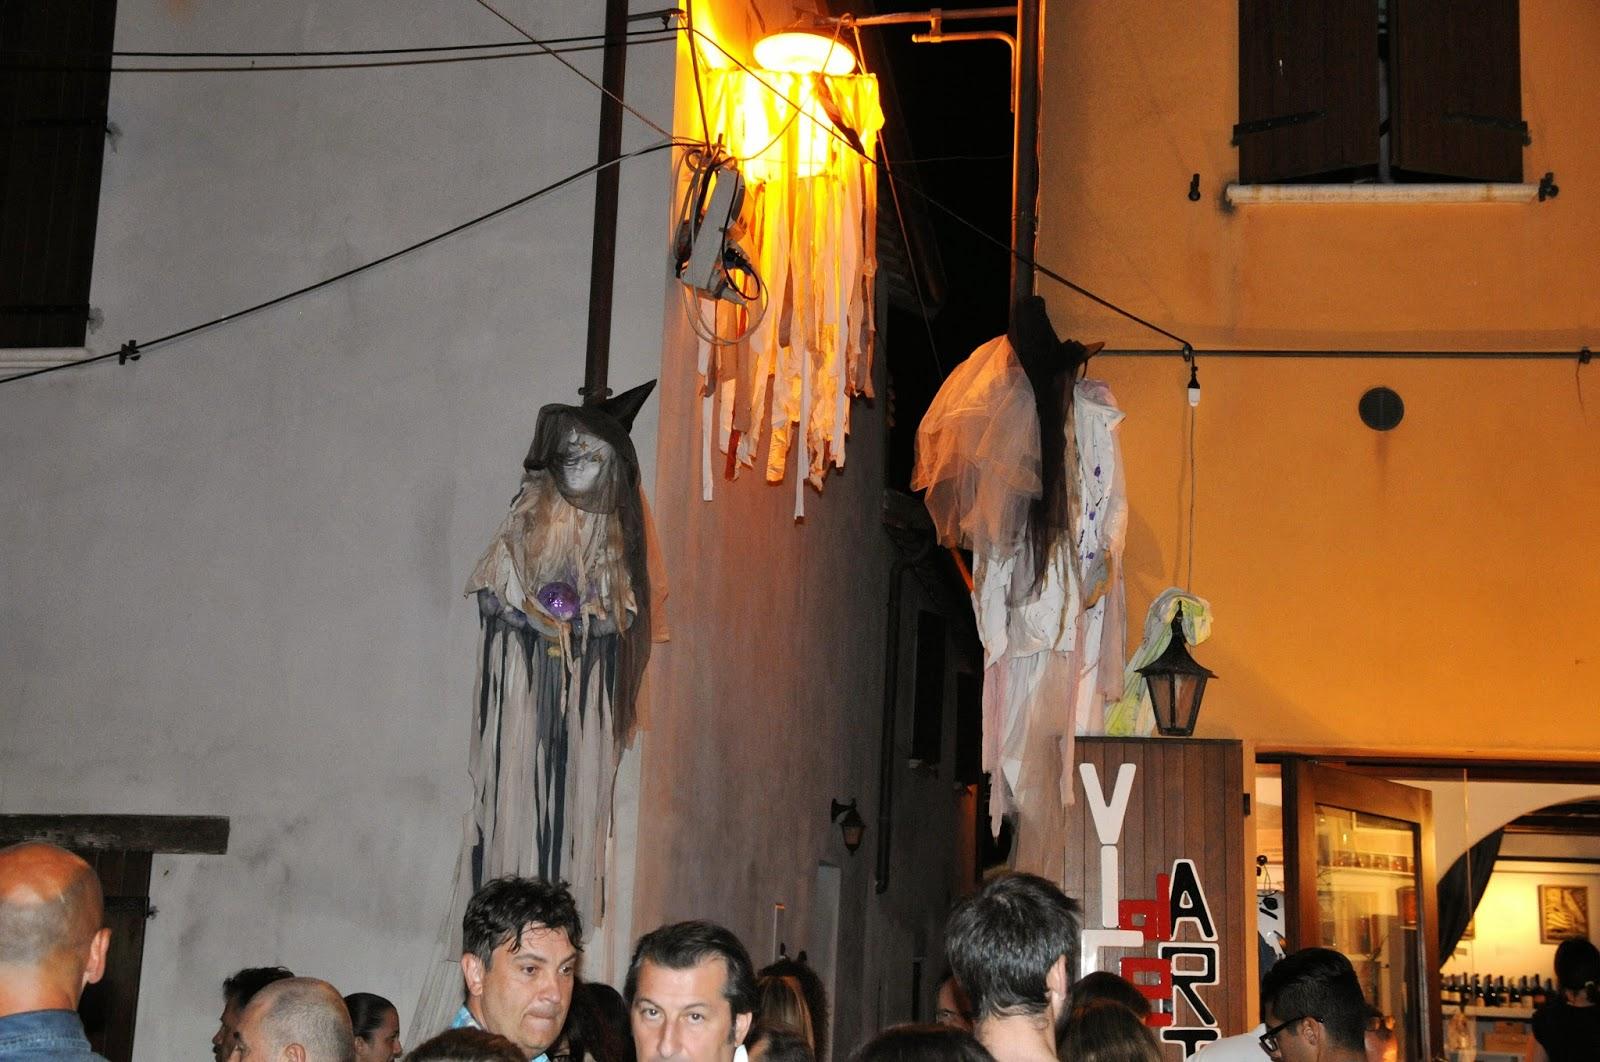 Notte delle Streghe, San Giovanni in Marignano, Rimini